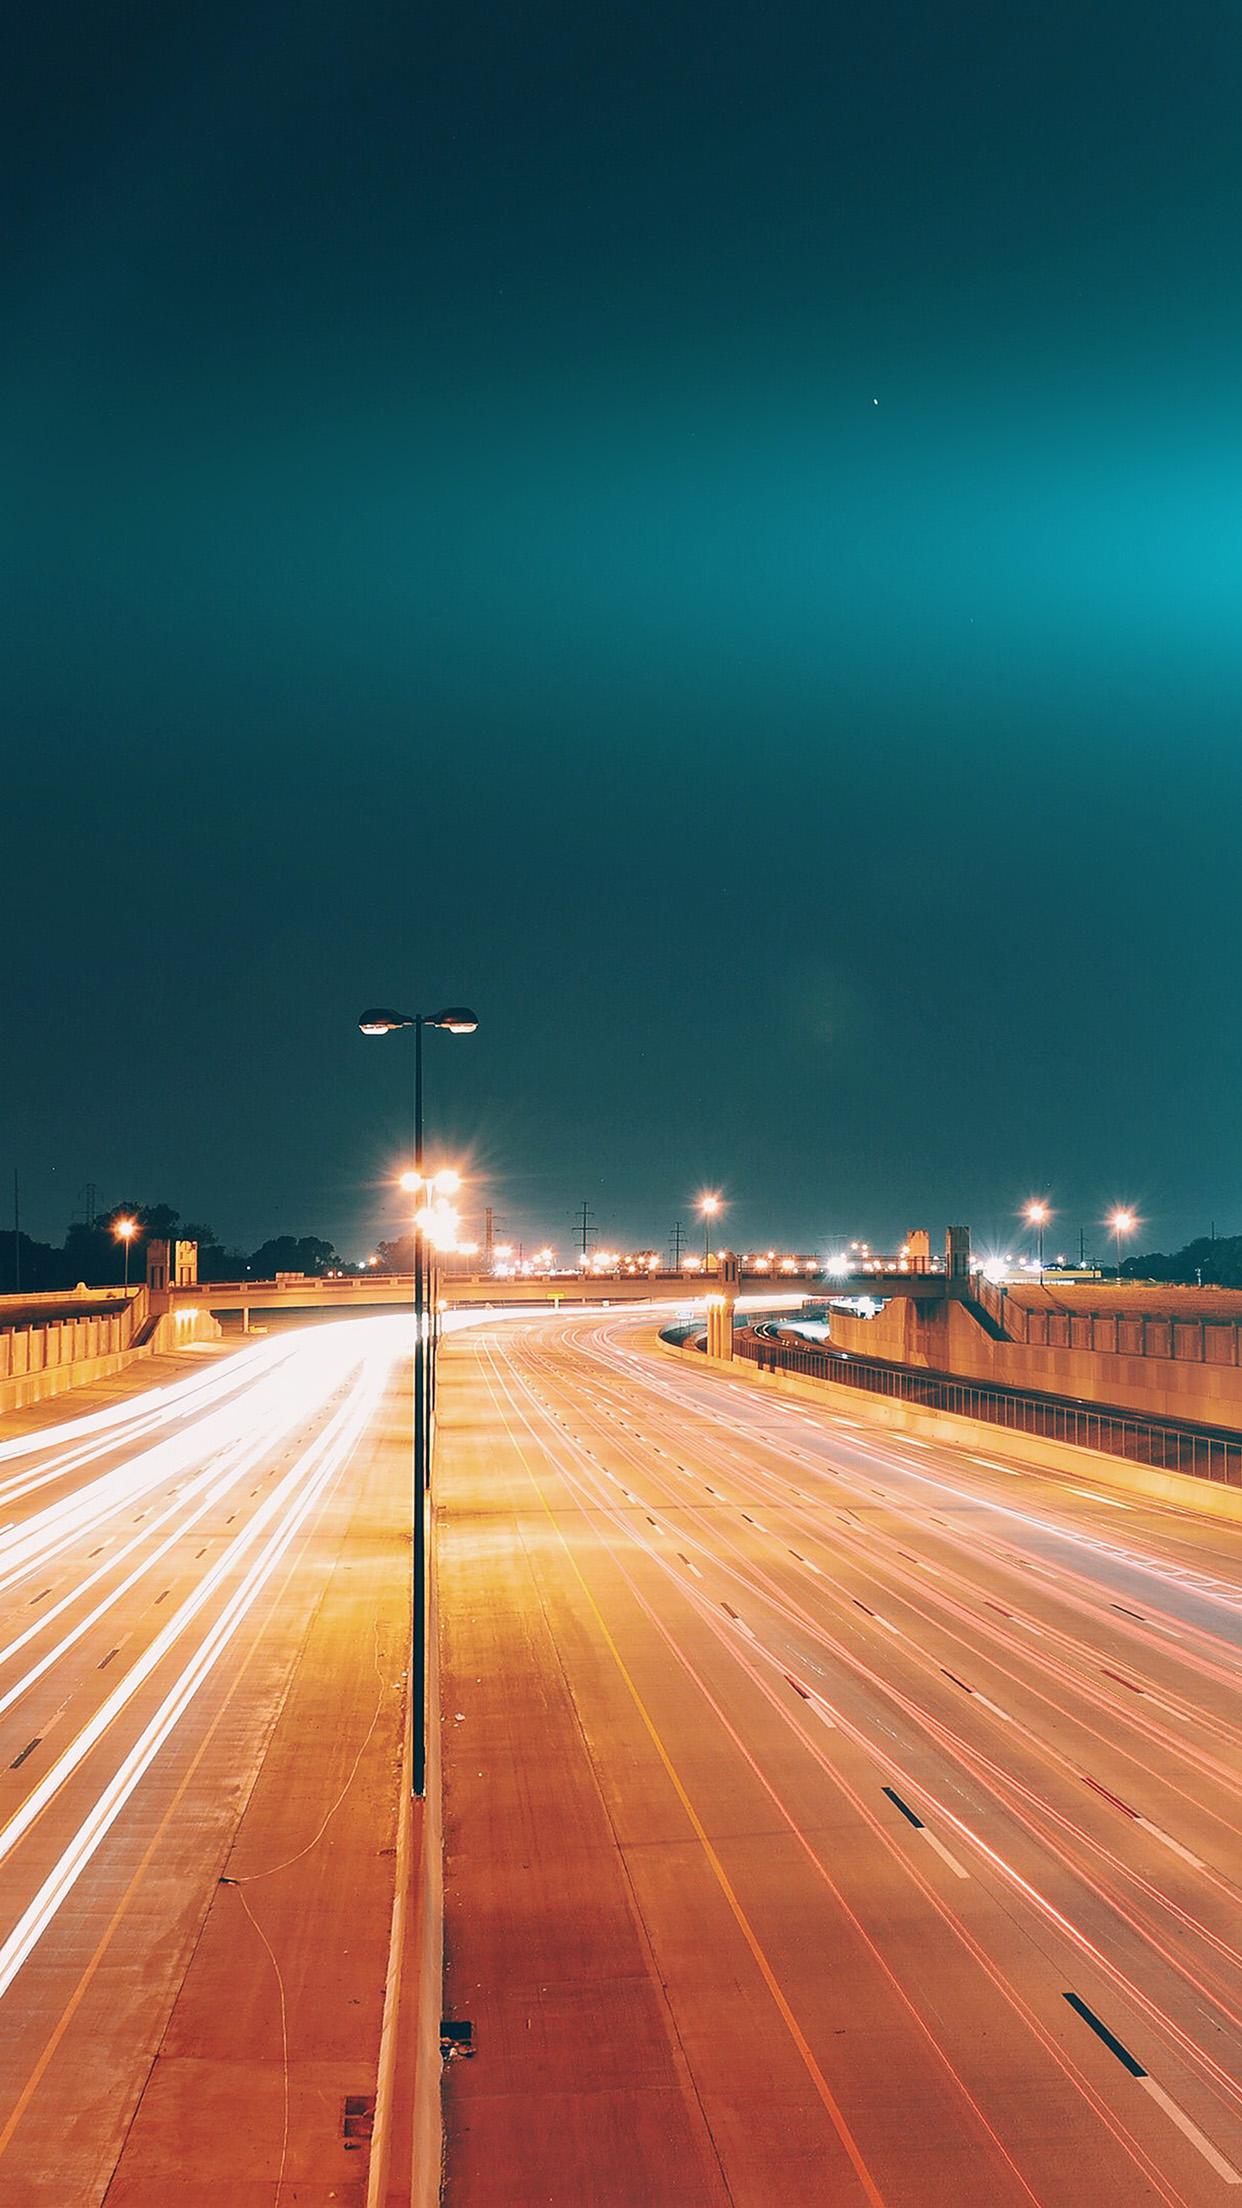 Car Lights Night Wallpaper Mv60 Road Street City Night Car Lights Blue Flare Wallpaper